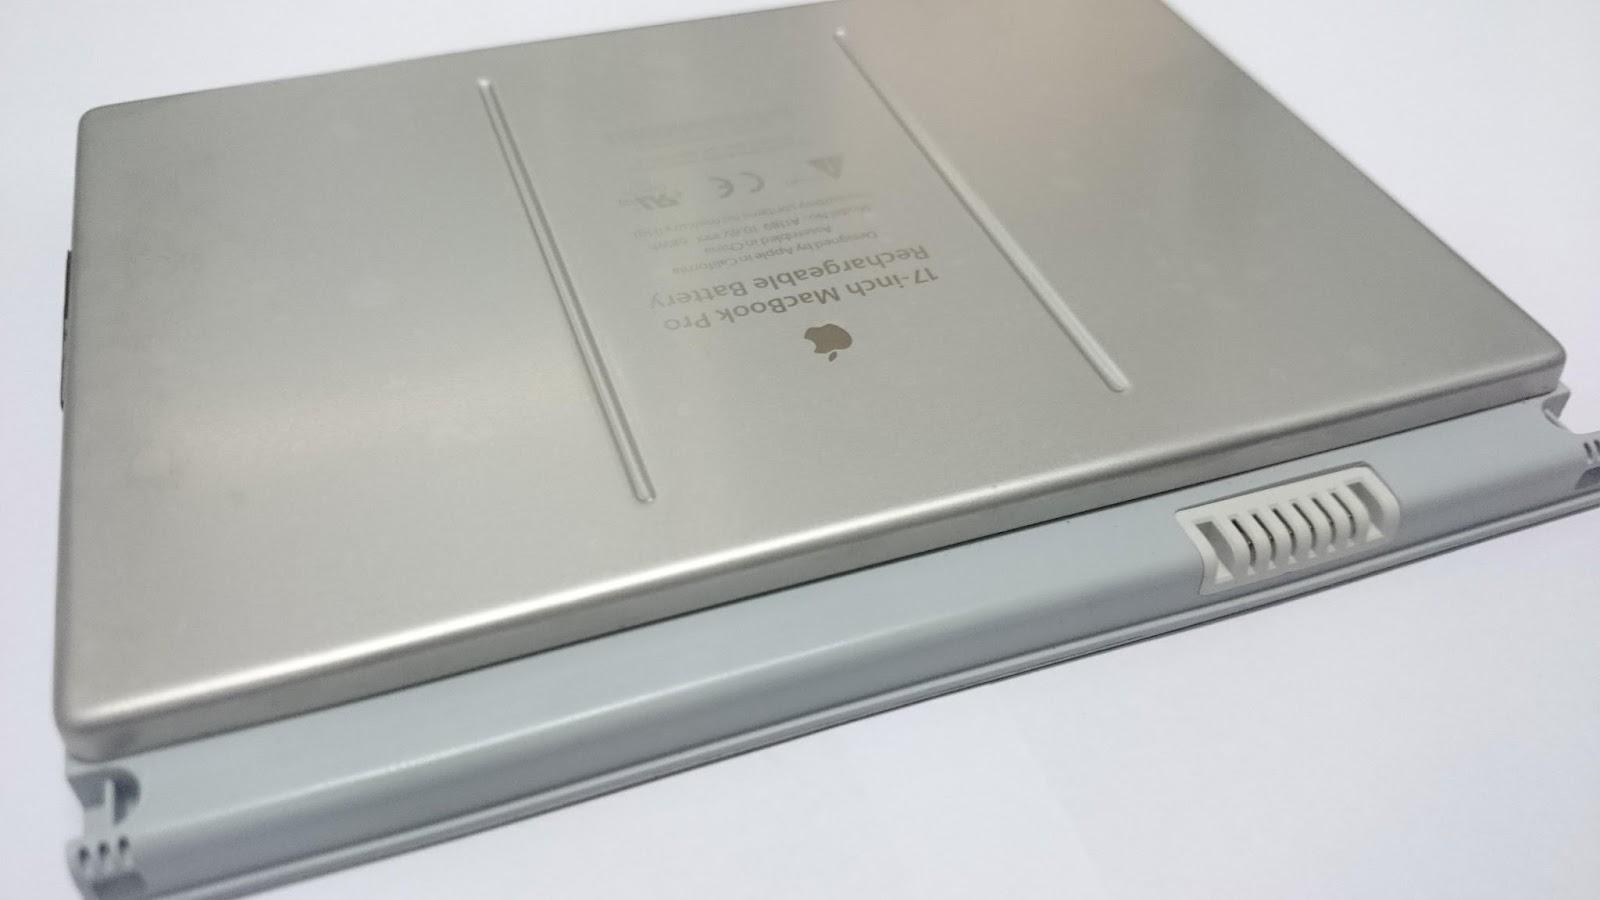 Laptop Battery Replacement Calicut Malappuram Kannur 17